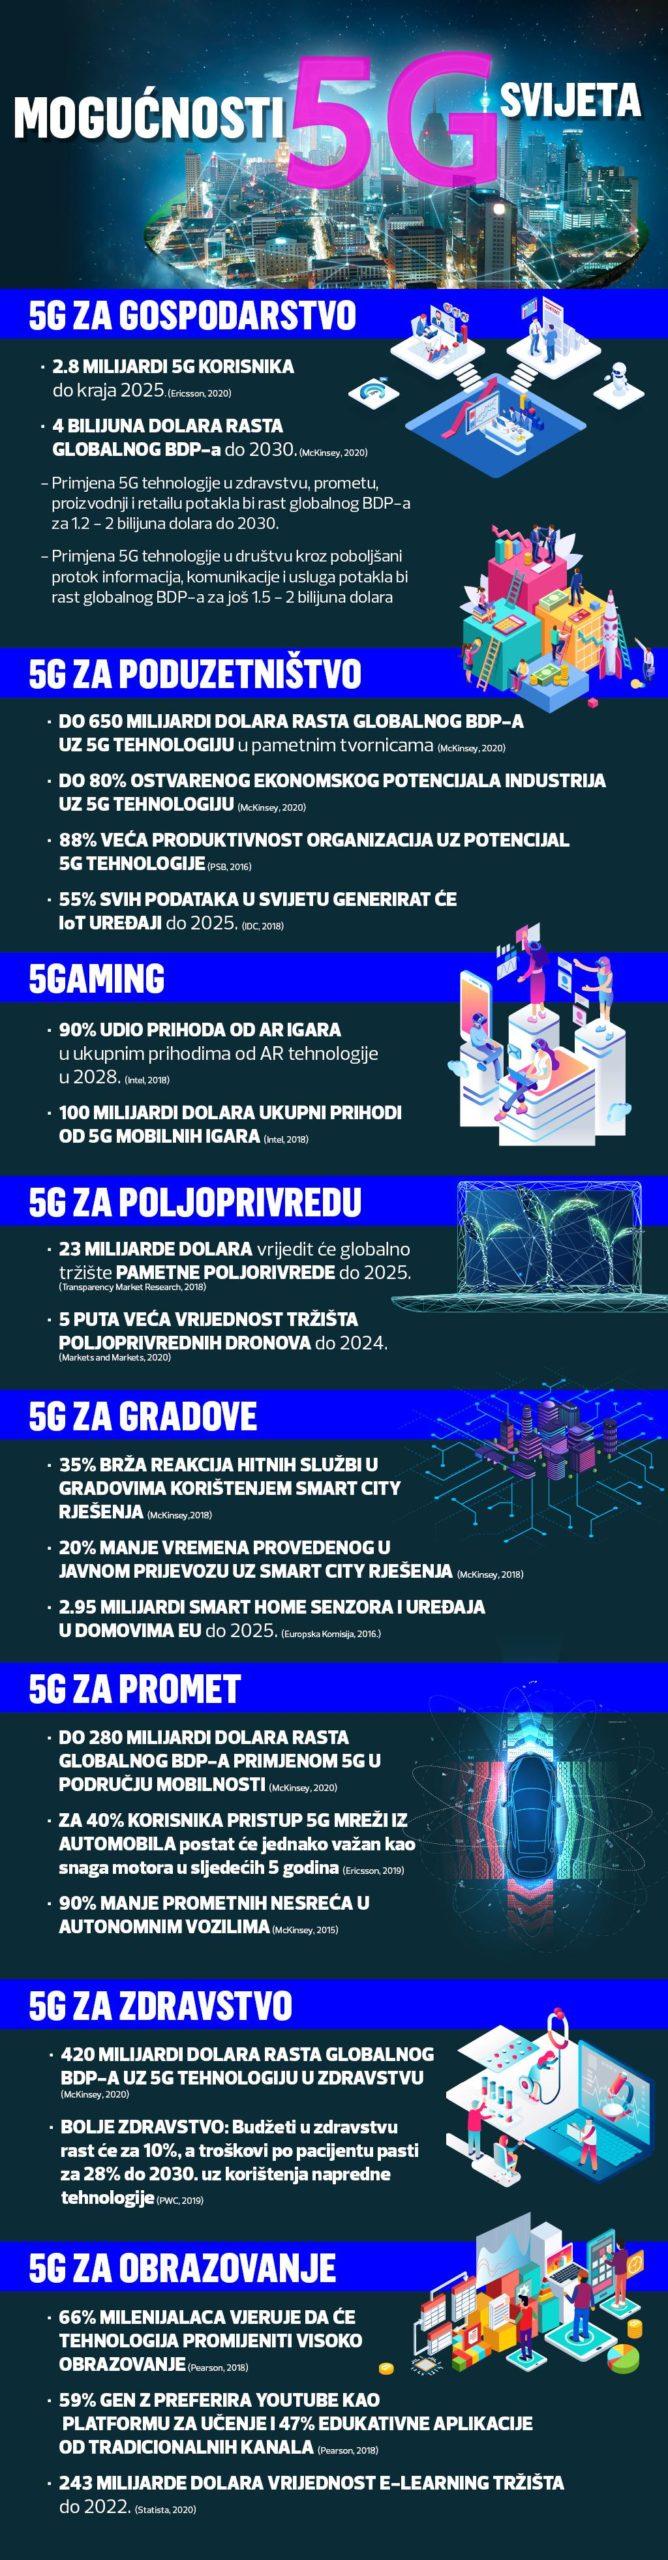 Kako će uvođenje 5G-a preobraziti hrvatsku poljoprivredu